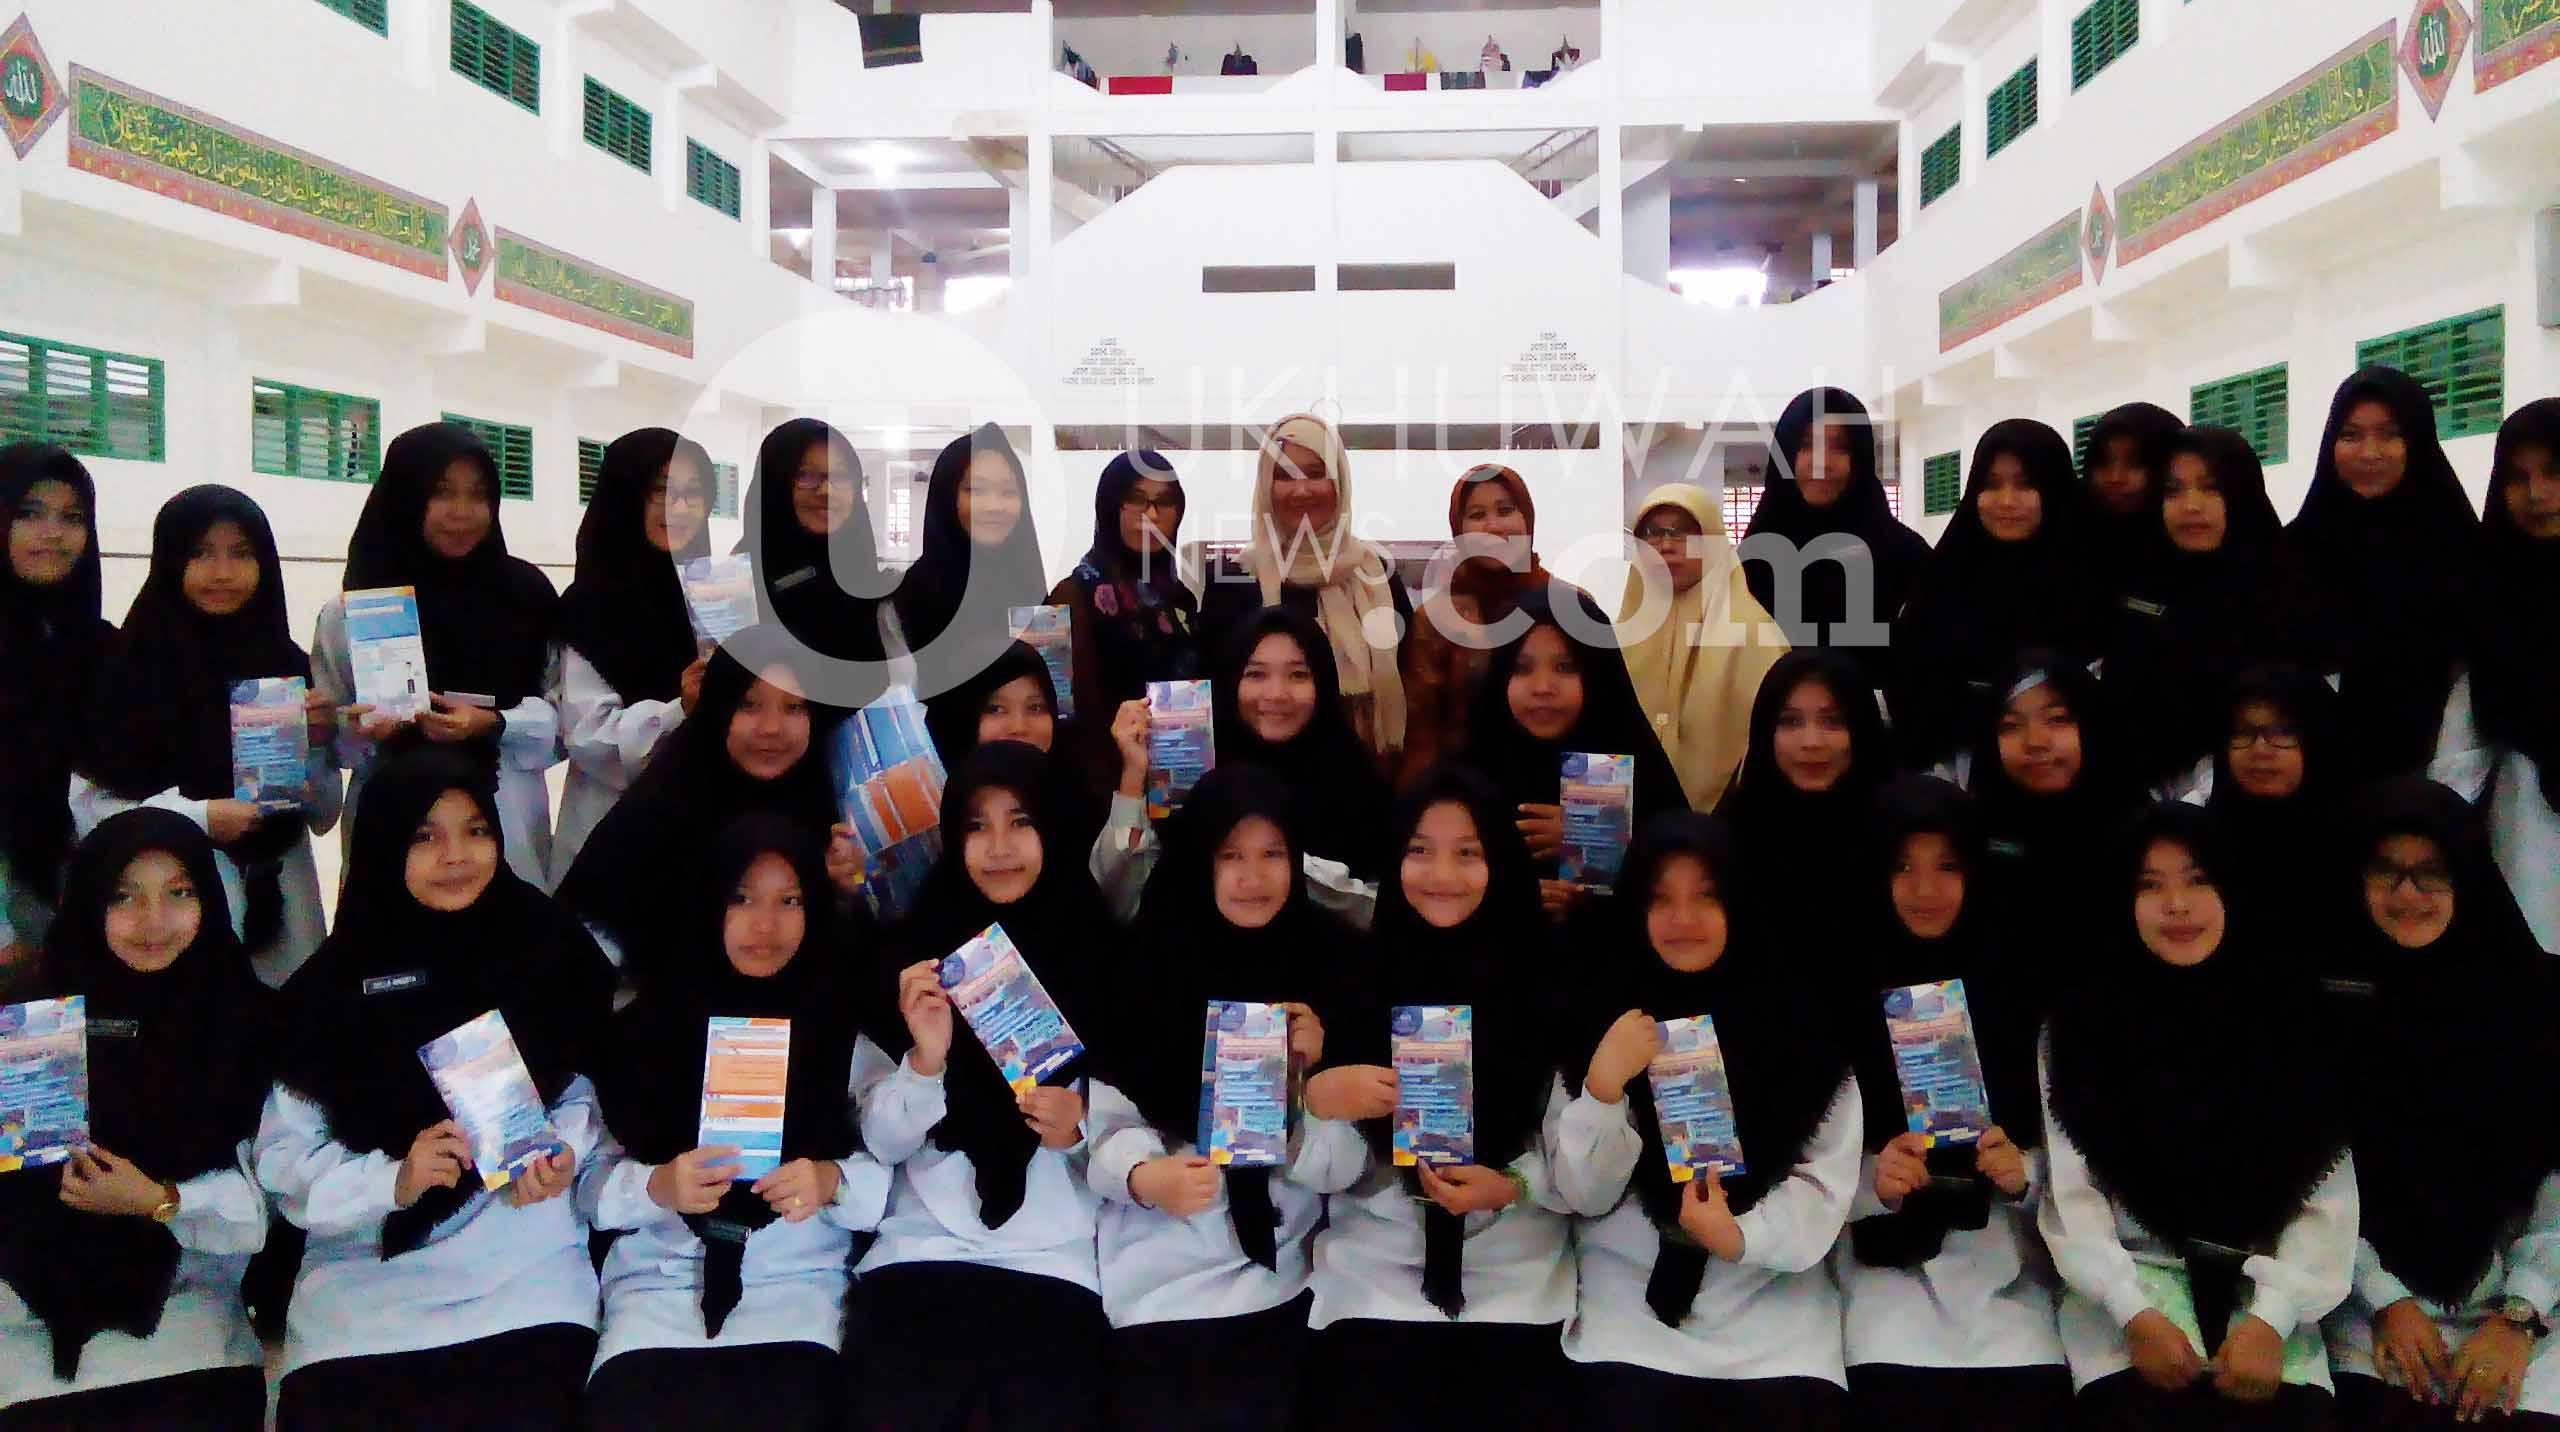 Foto bersama siswa yang menjadi peserta sosialisasi, untuk promosikan Universitas Islam Negeri Raden Fatah (UIN RF) Palembang. Senin, (27/02/17). Ukhuwahnews.com/Rasman